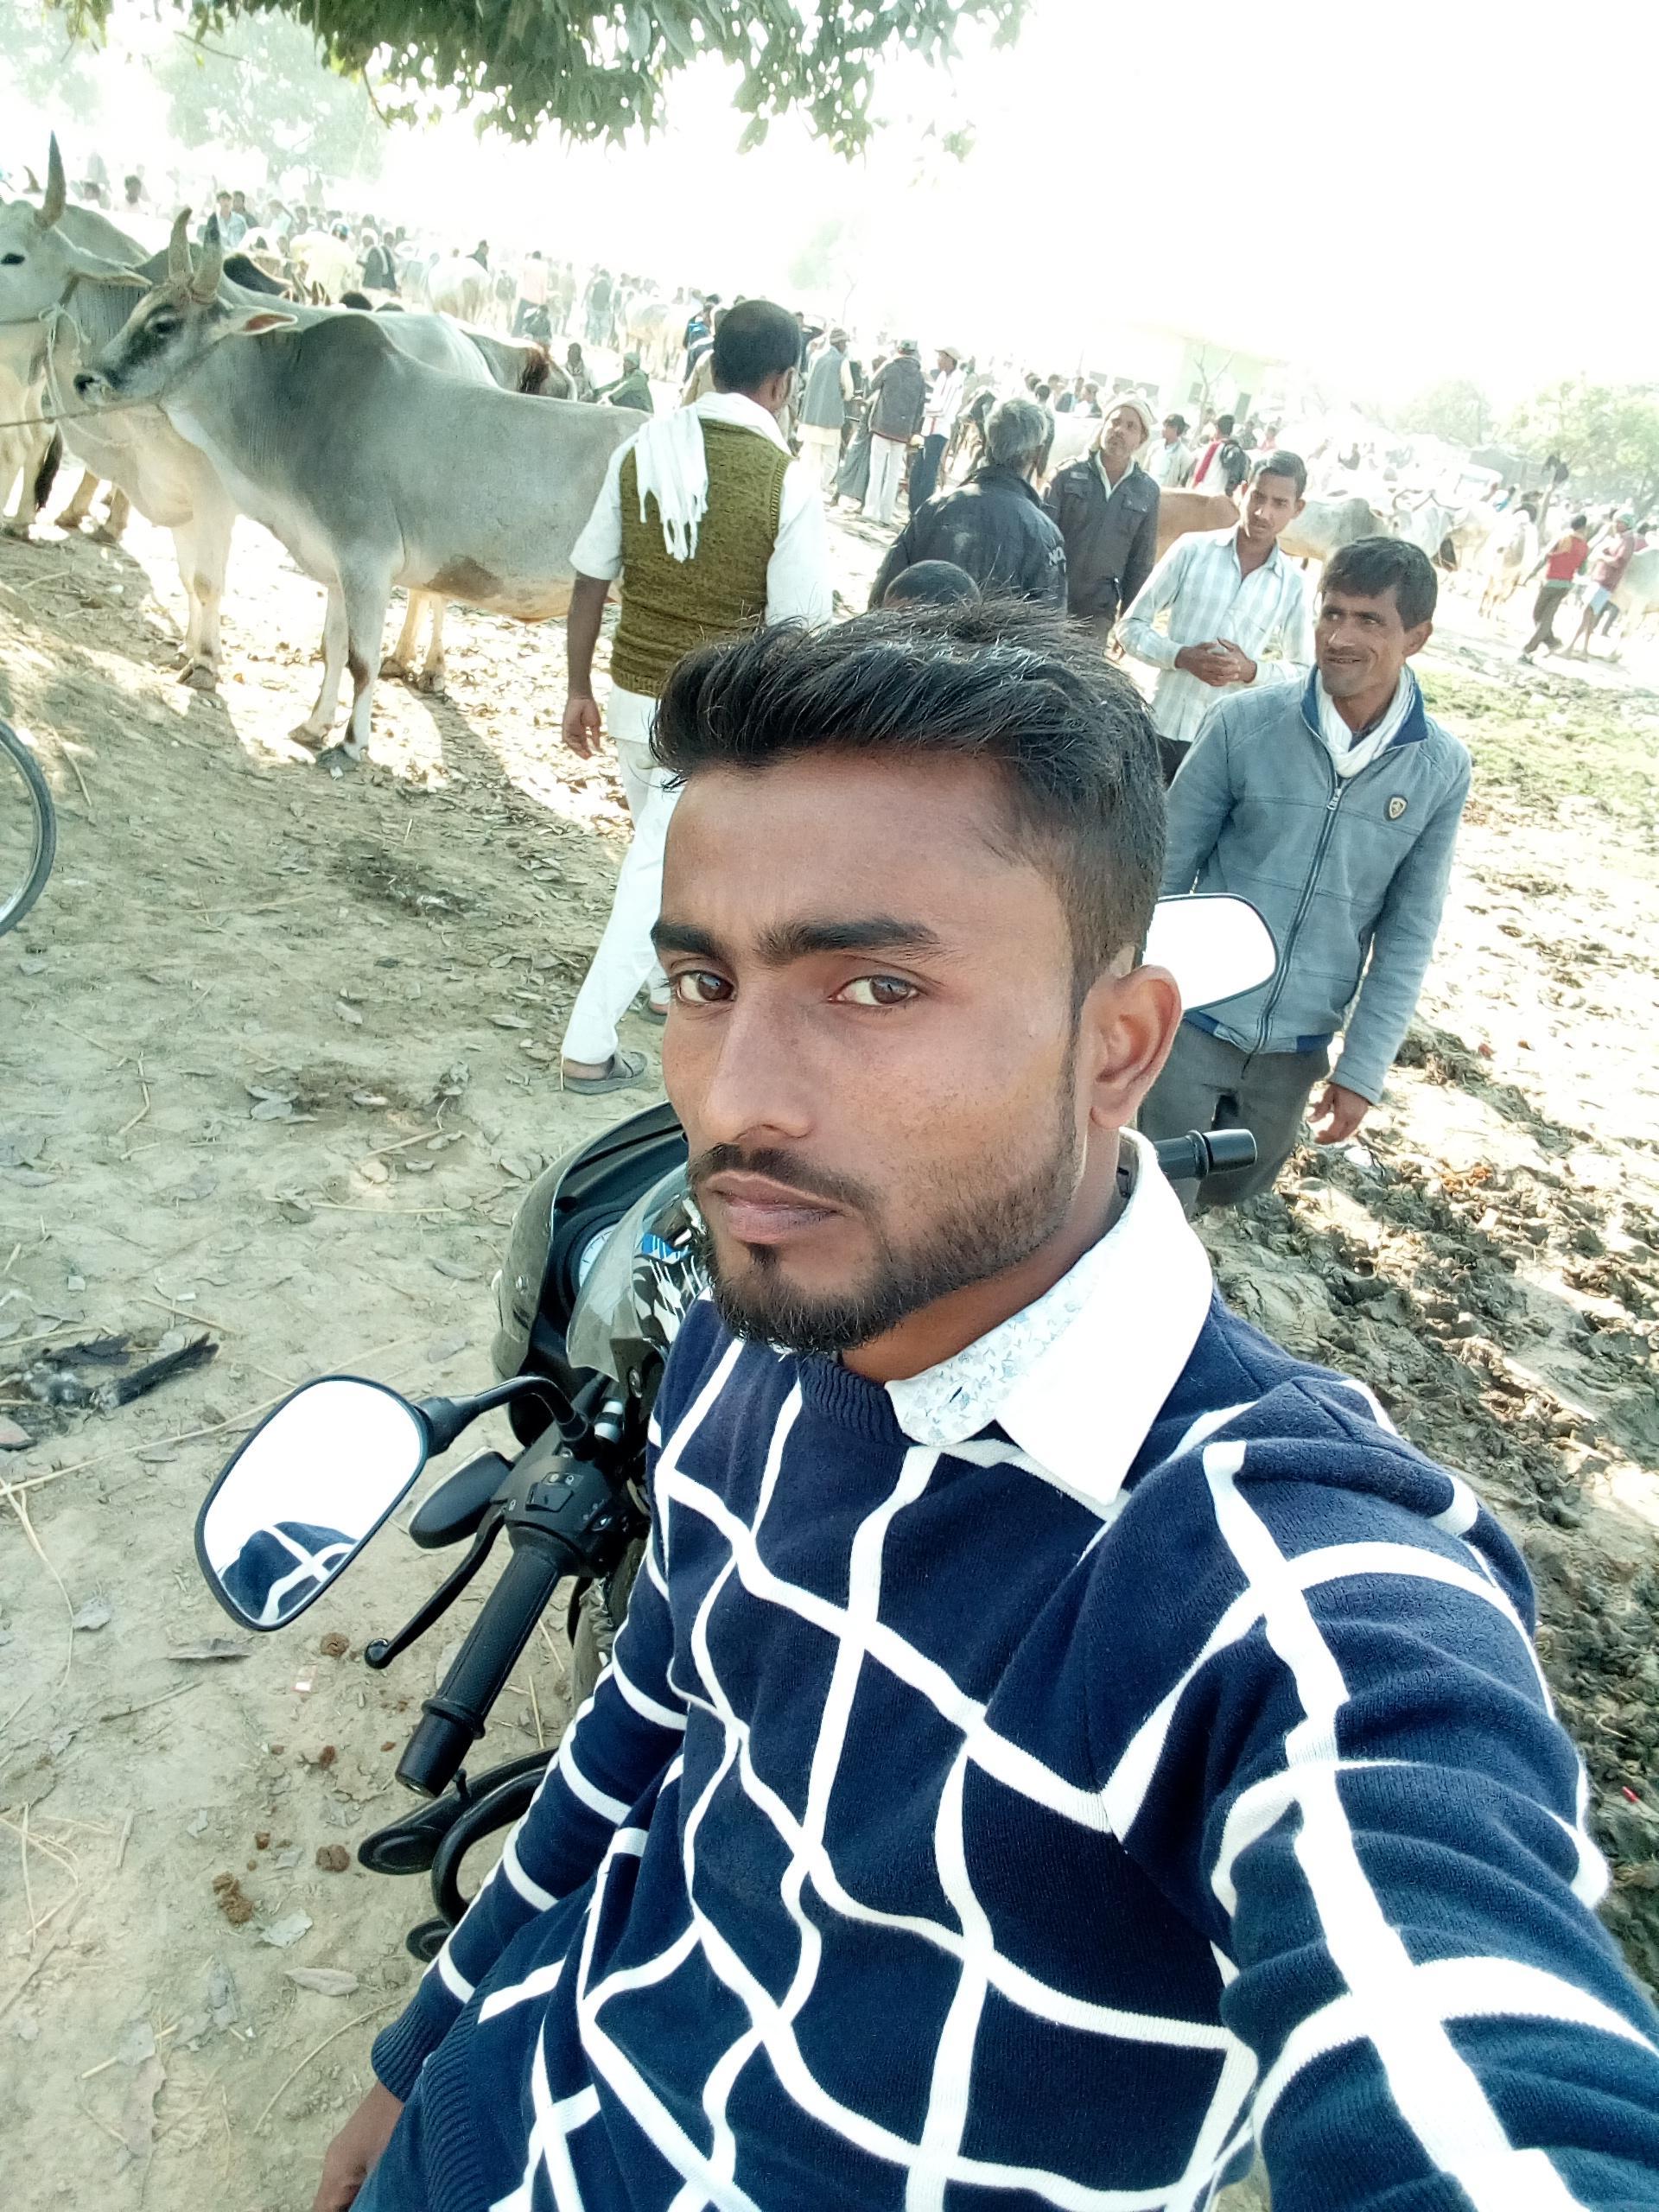 Mahtab  Alam